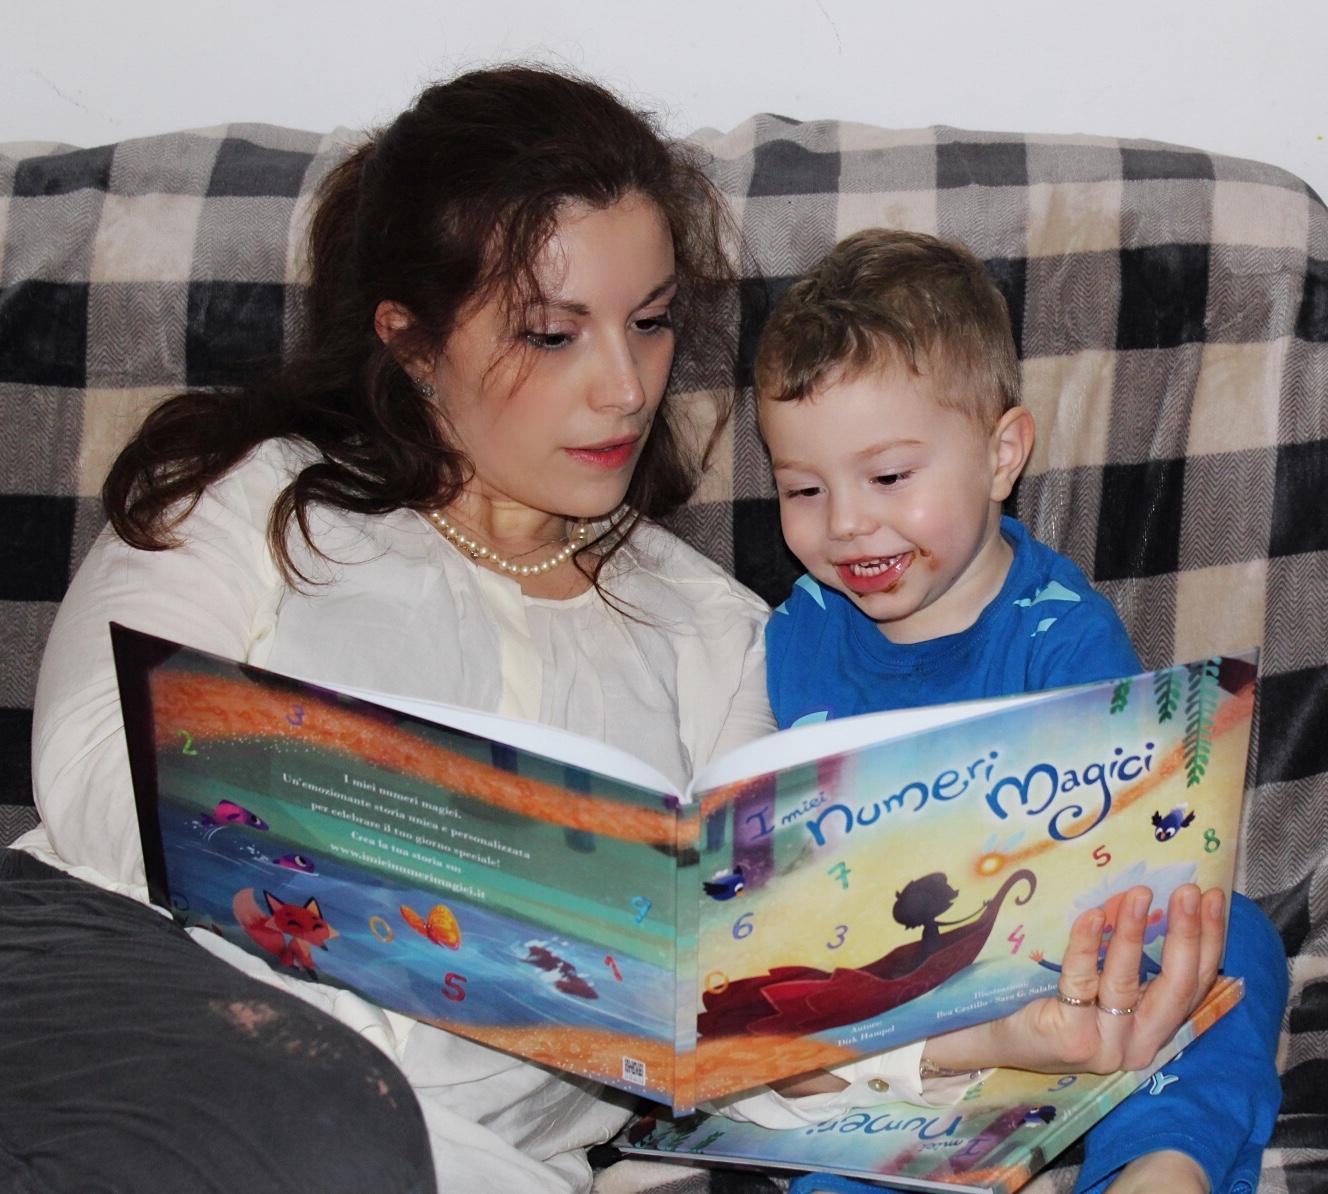 L'importanza della lettura insieme ai nostri bambini